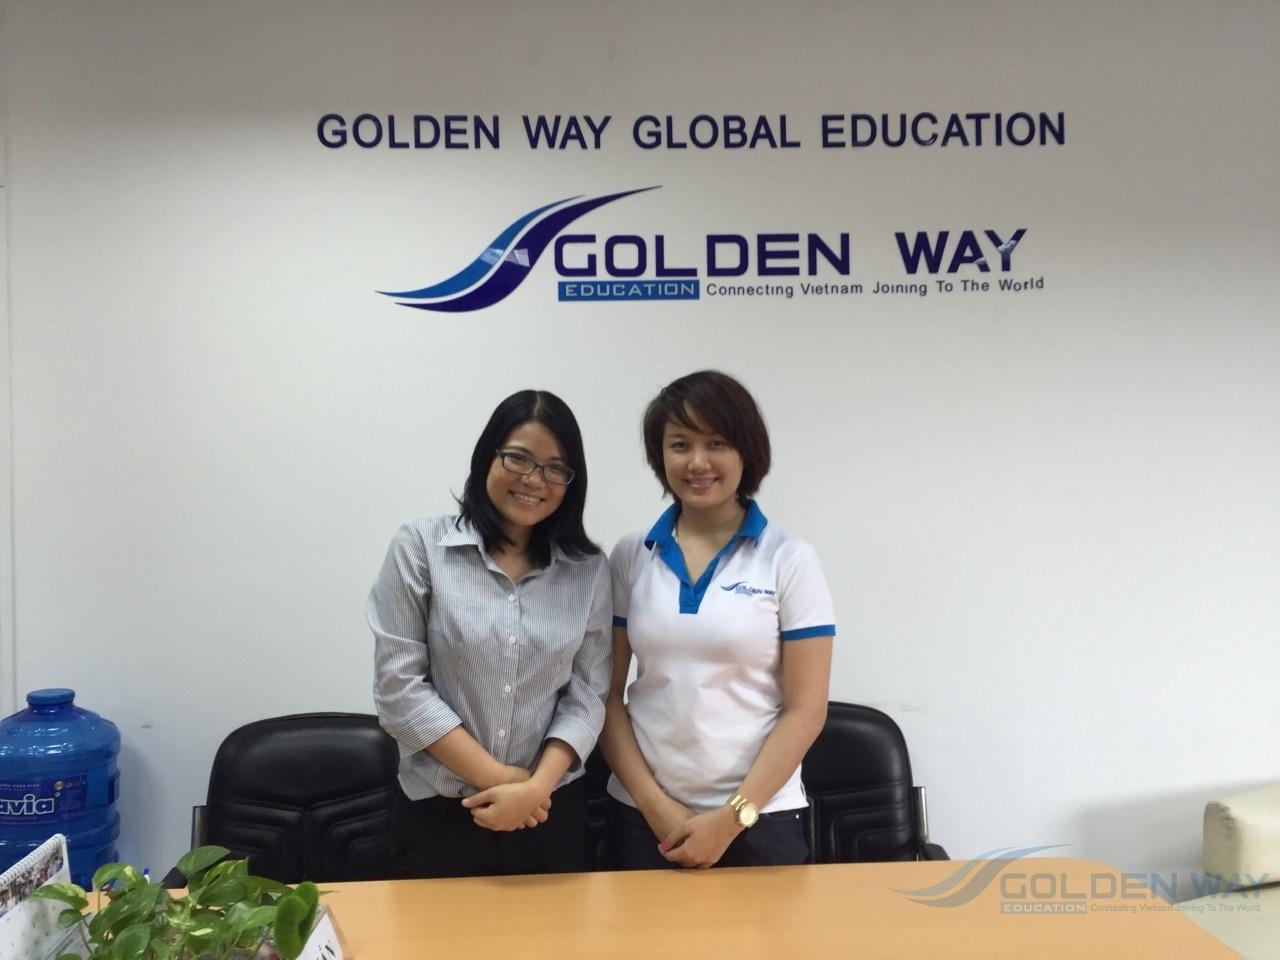 Đại diện trường ipu thăm goldenway